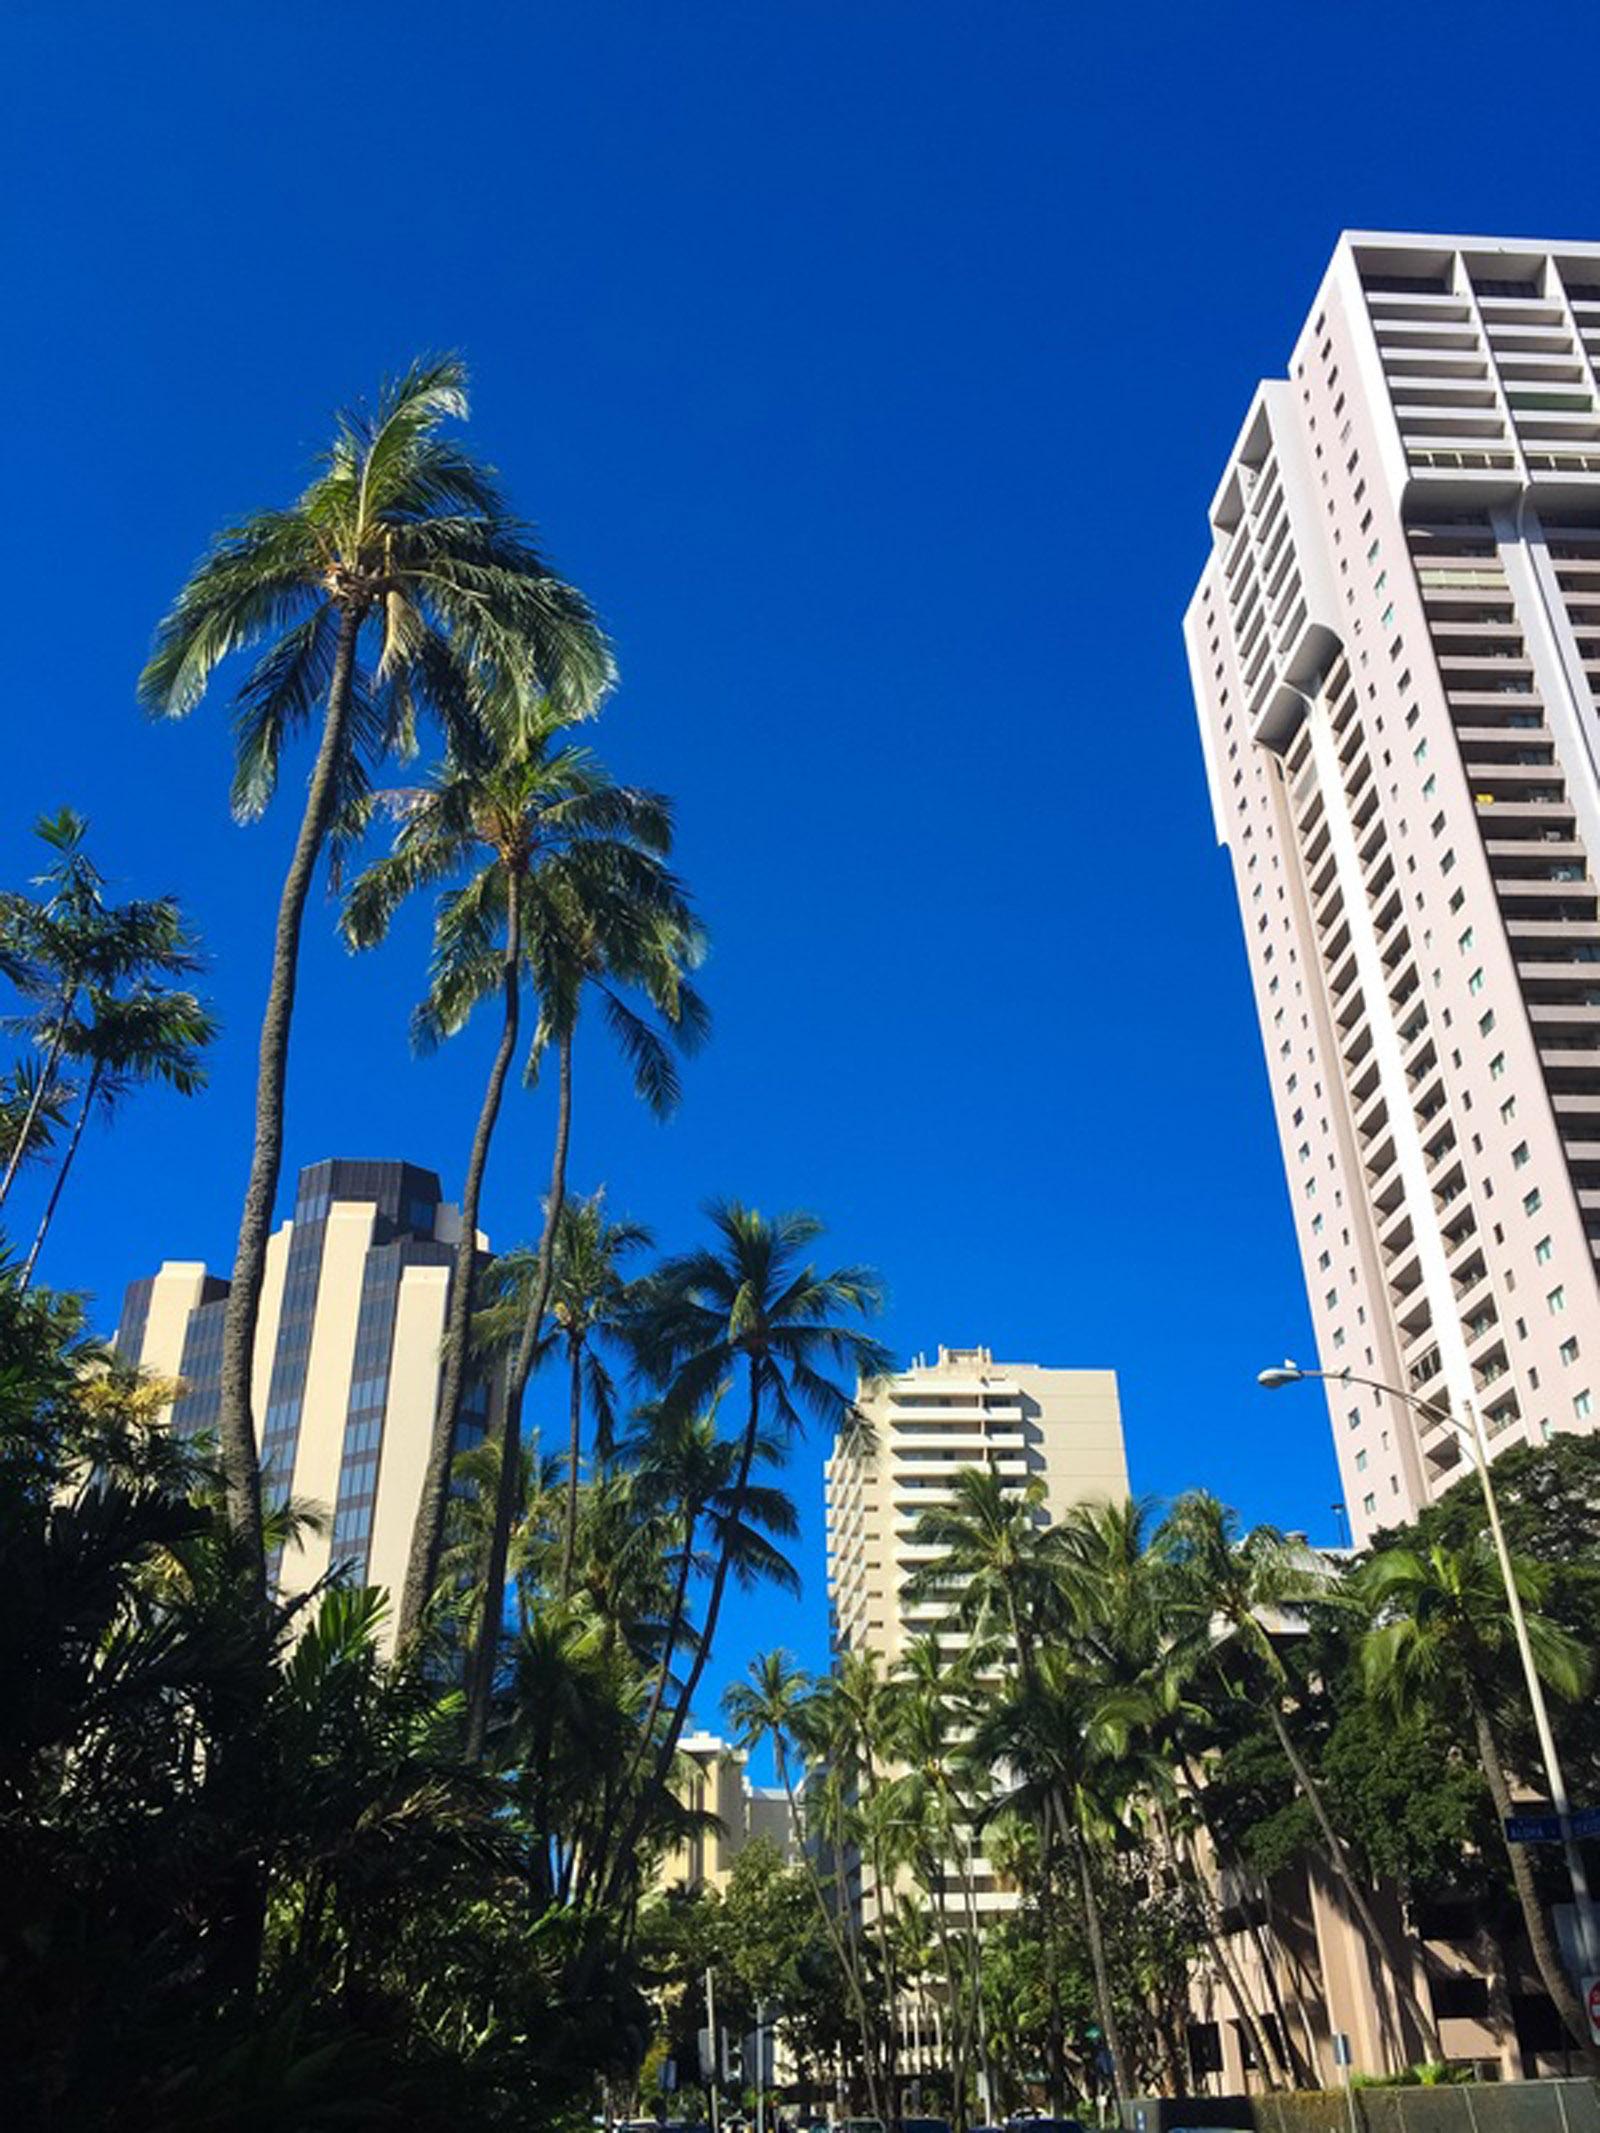 oahu_hawaii_04